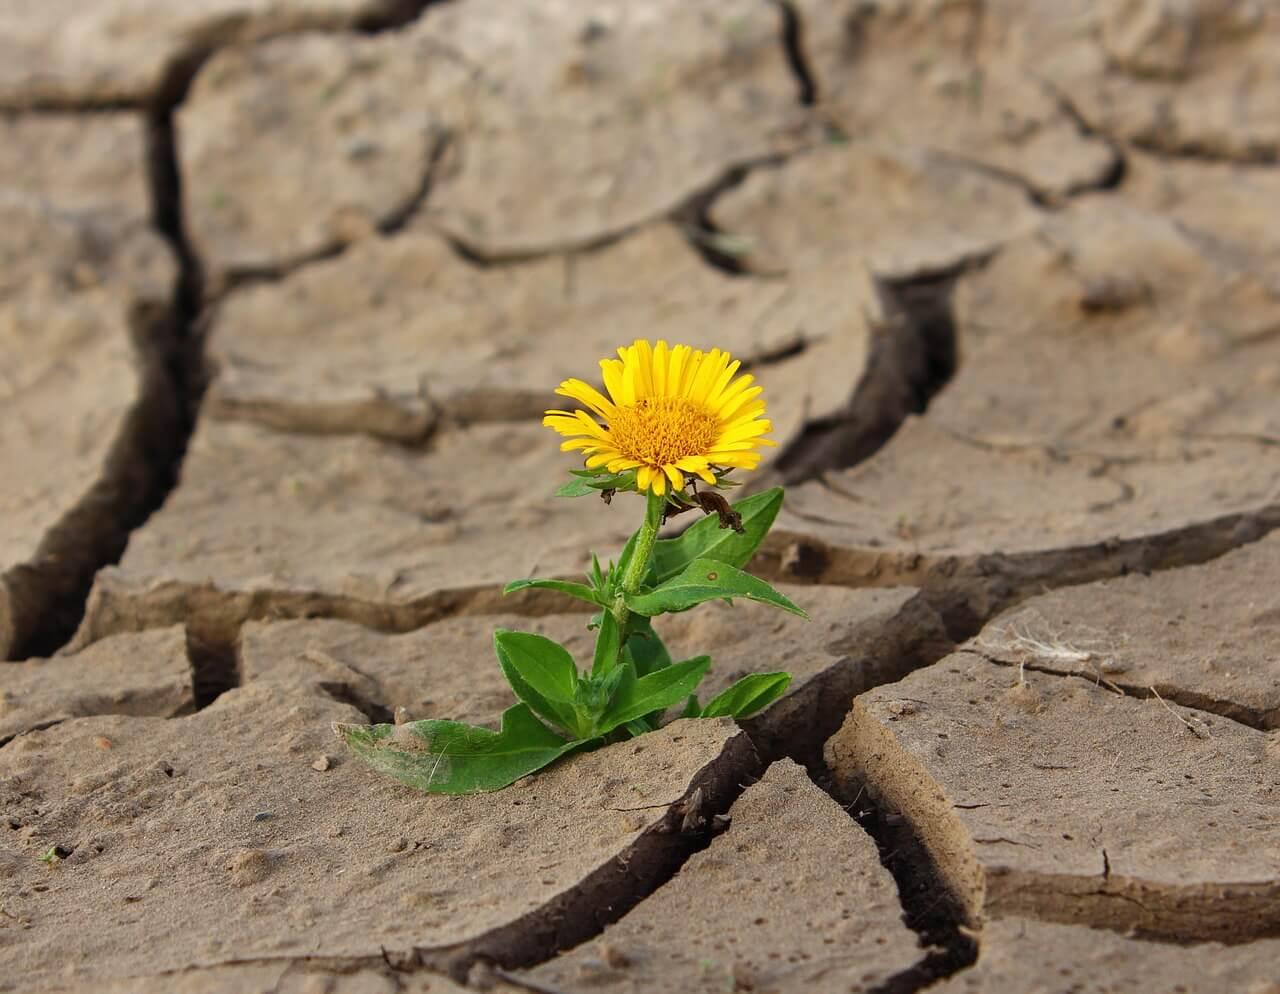 Miért nem működik mindig a pozitív gondolkodás?